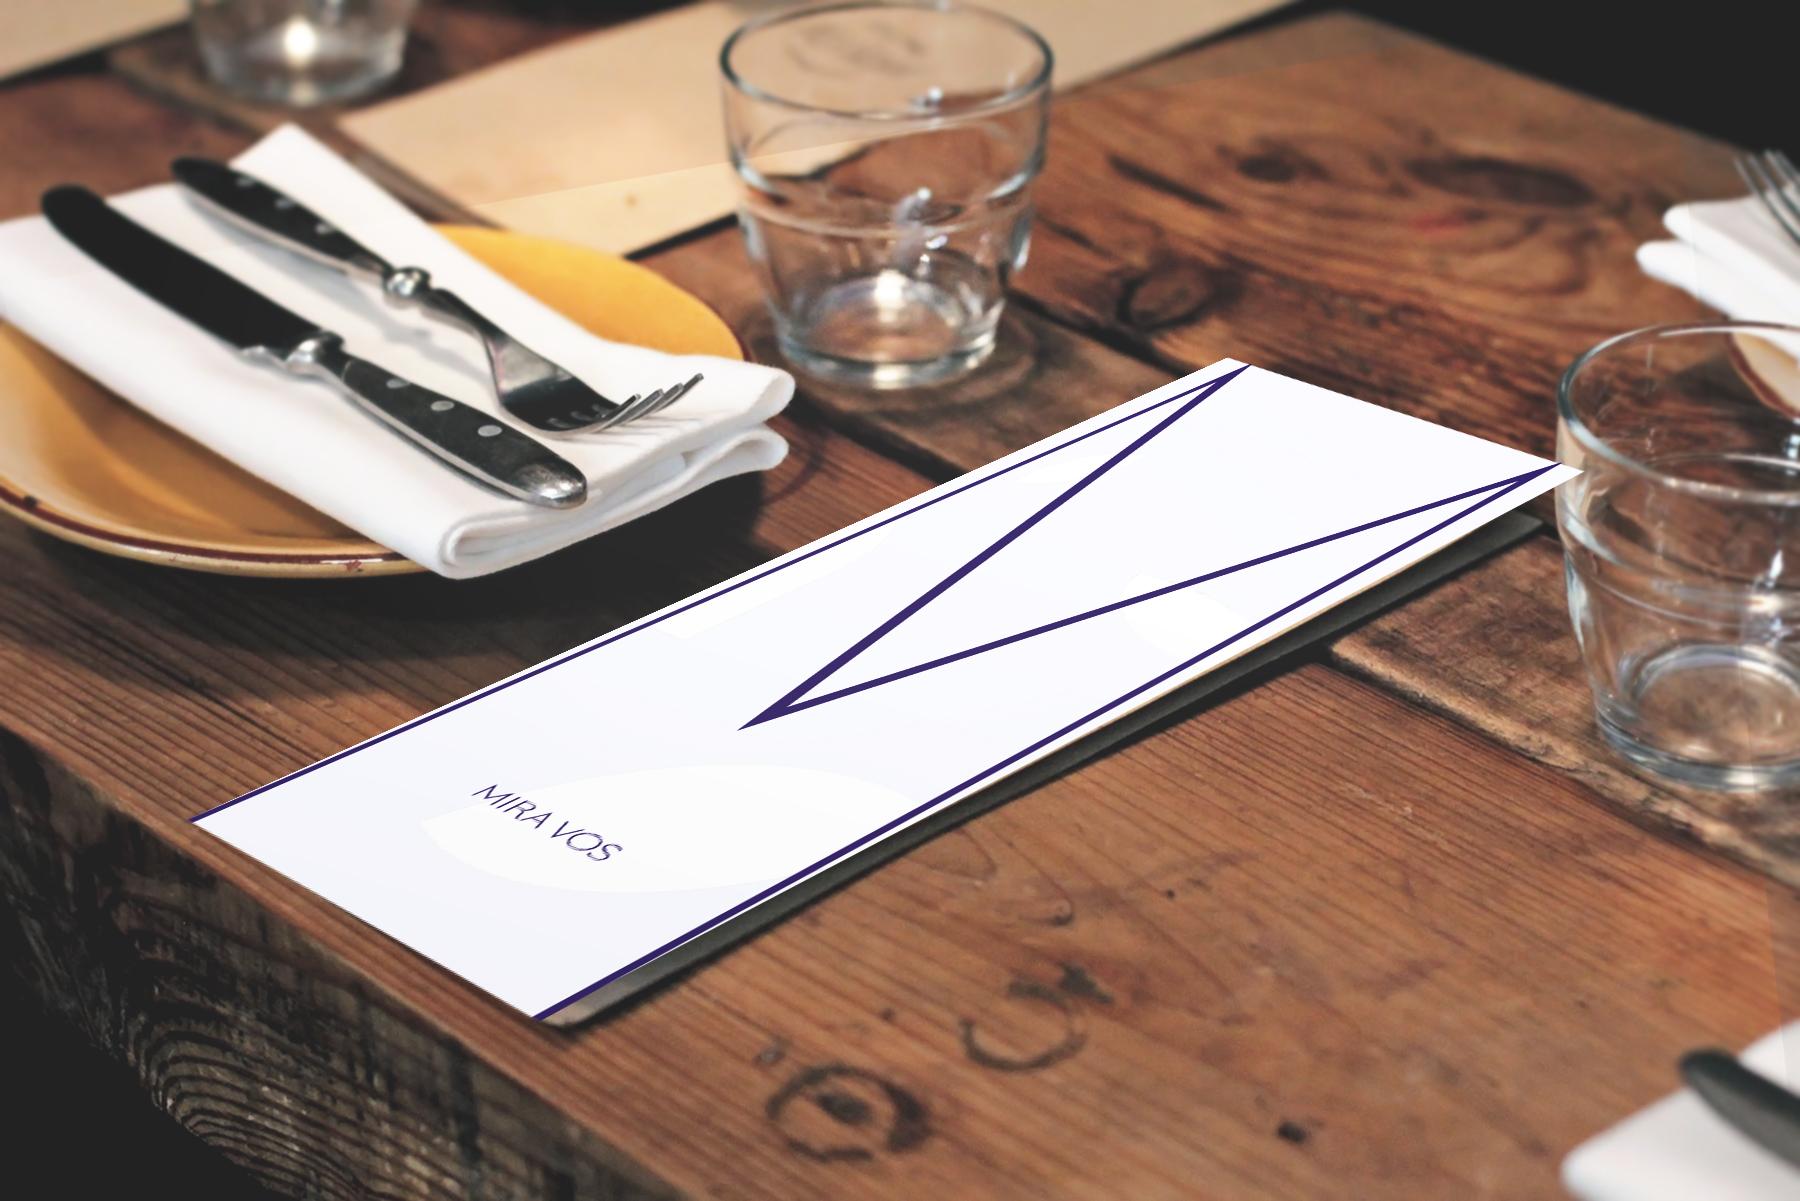 mira-vos-menu-on-table